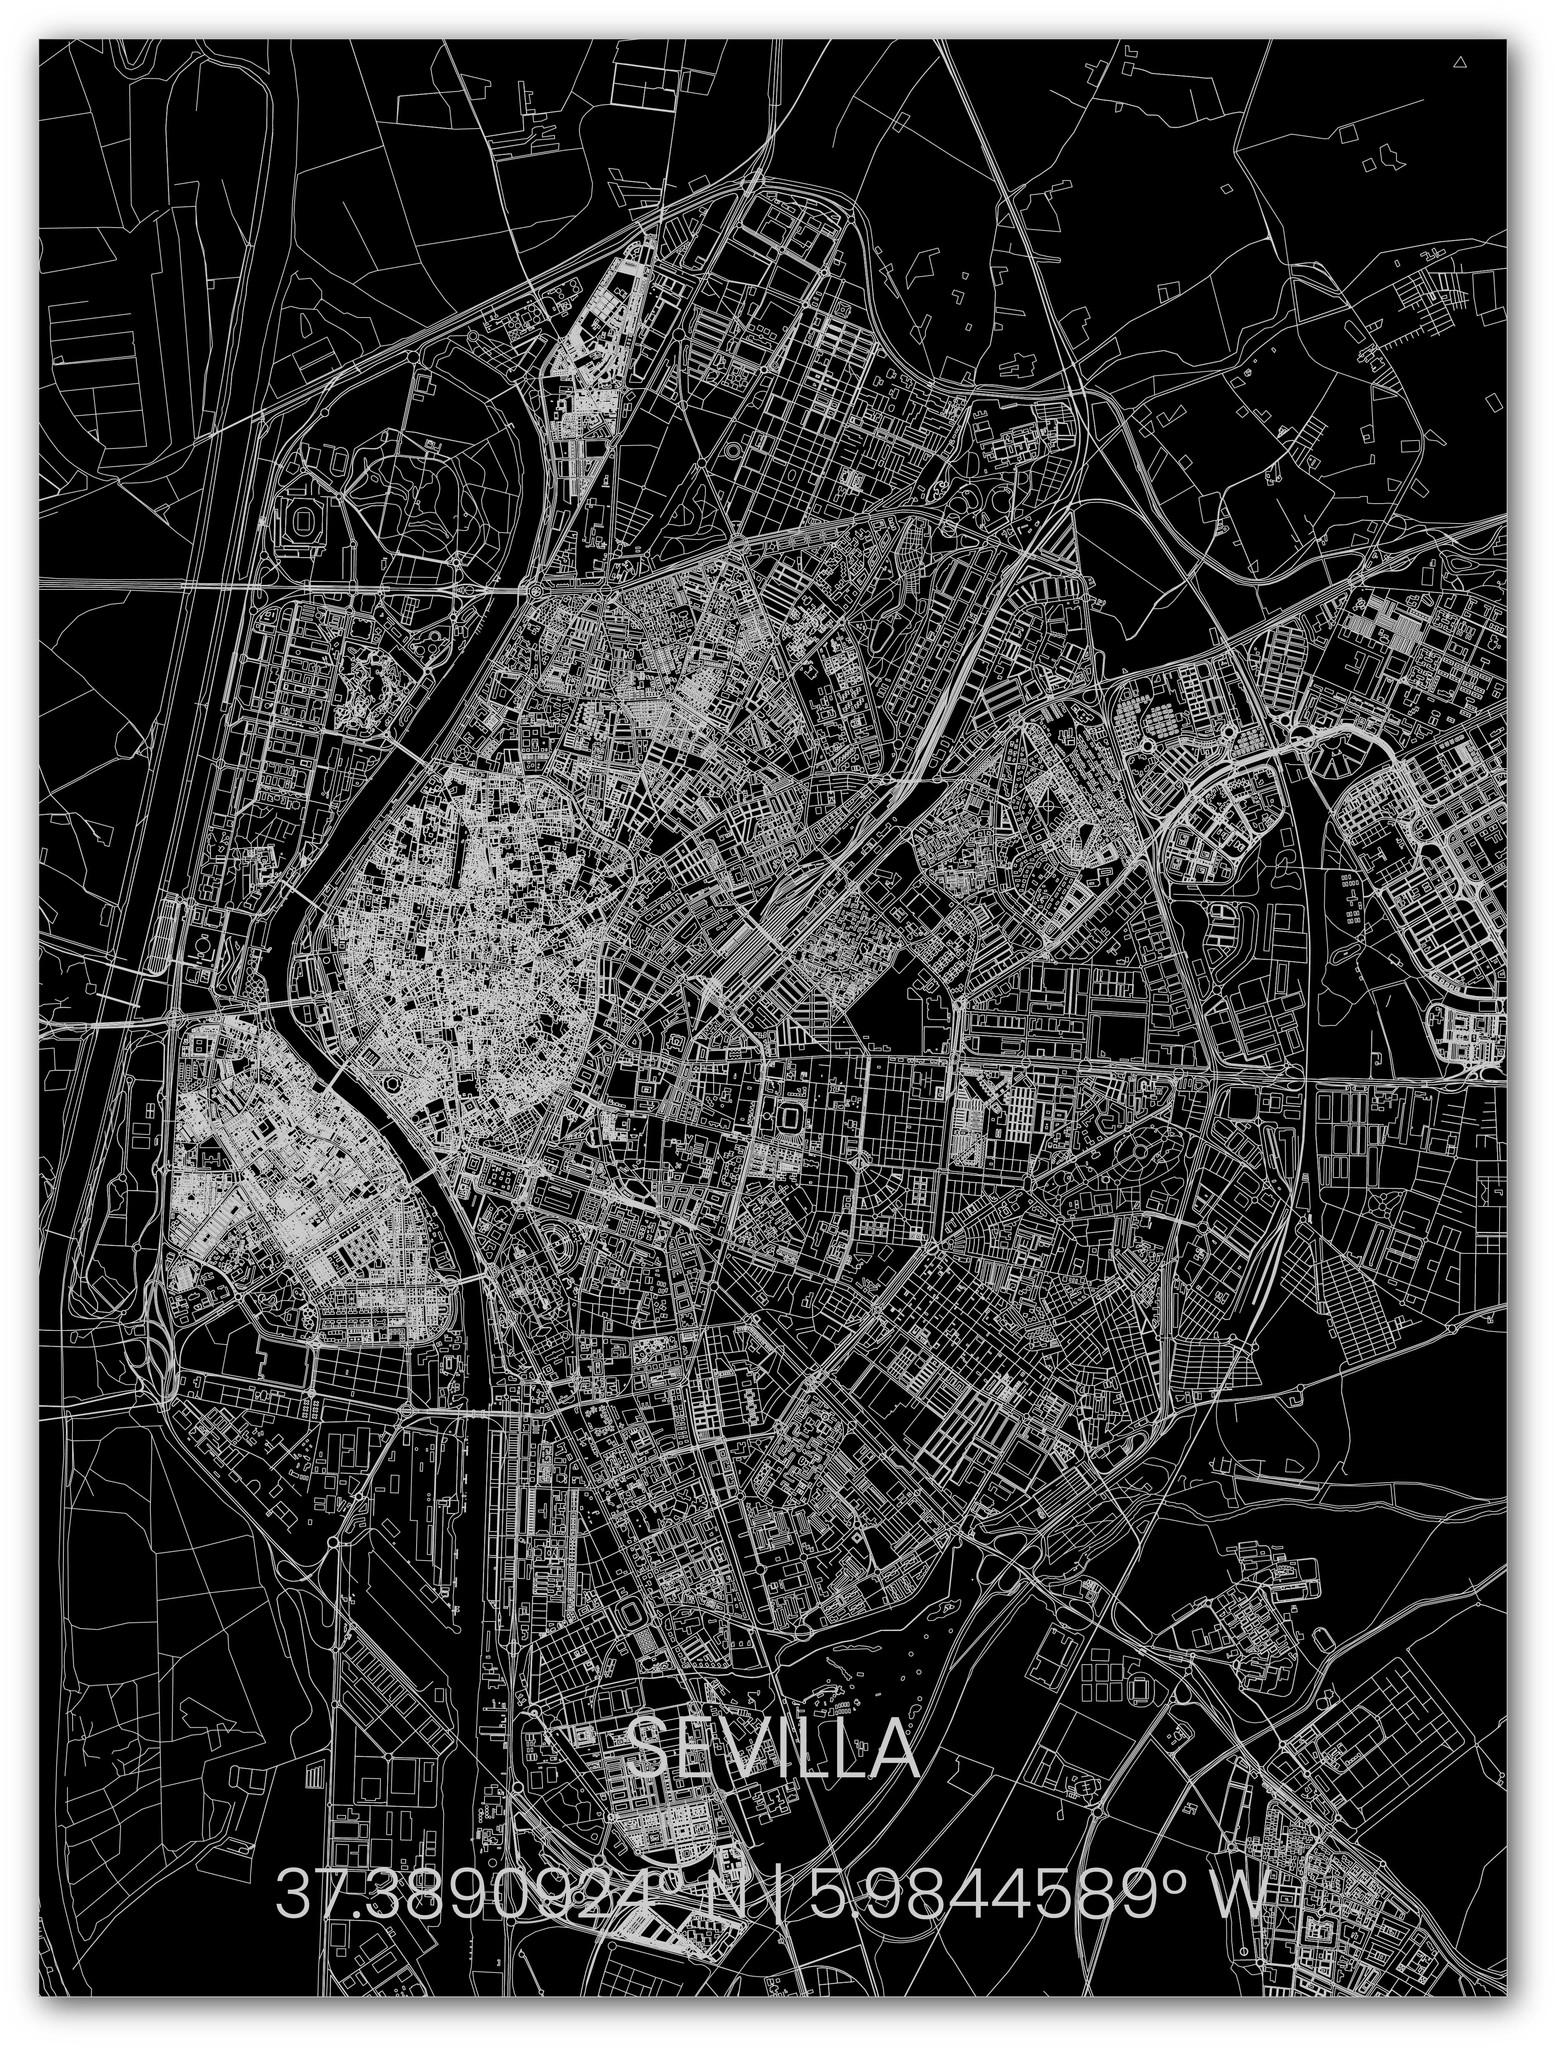 Metalen stadsplattegrond Sevilla-1